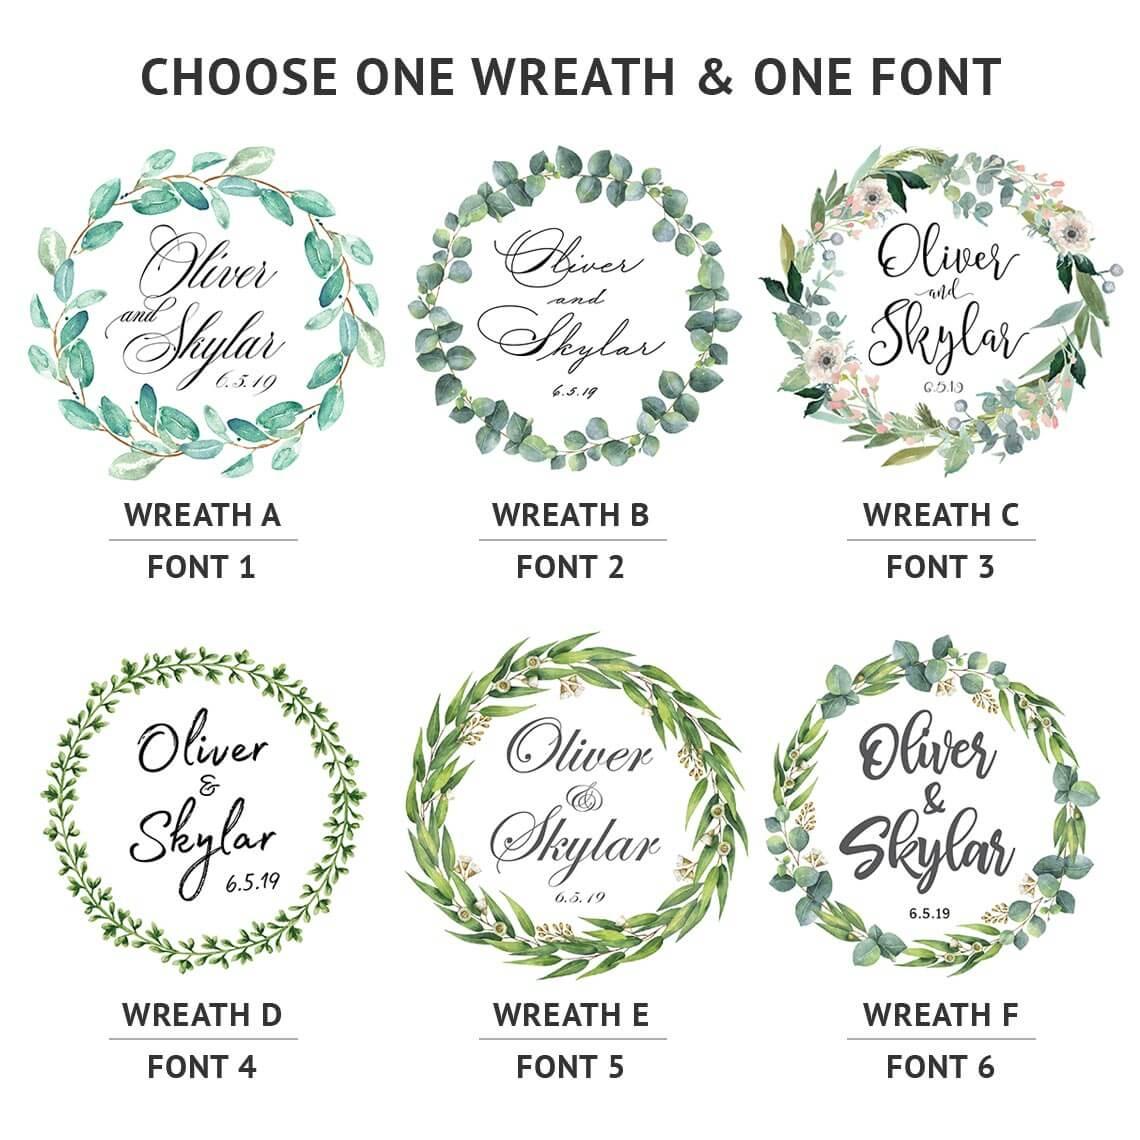 Wreath Choices